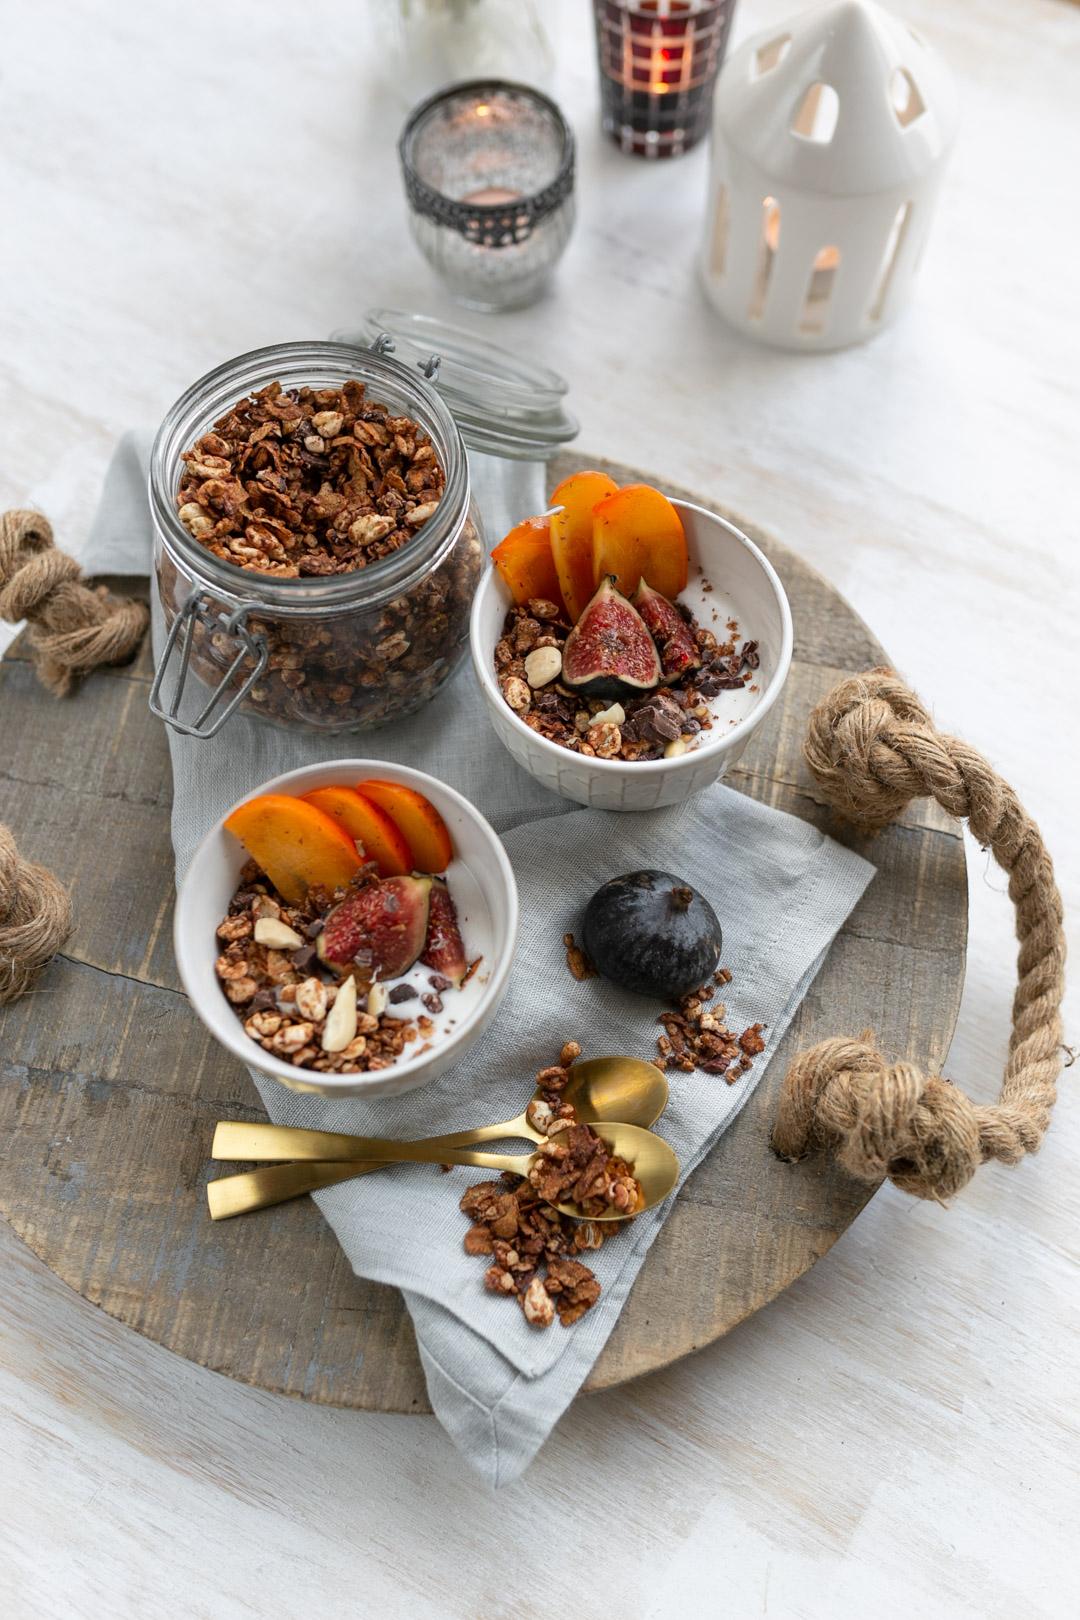 Sobald es außen kühler wird, habe ich total Lust auf ein süßes Frühstück. Dass das auch als gesunde Variante möglich ist, zeige ich euch bei diesem Rezept für ein winterlich schokoladiges Granola auf www.piecesofmariposa.com